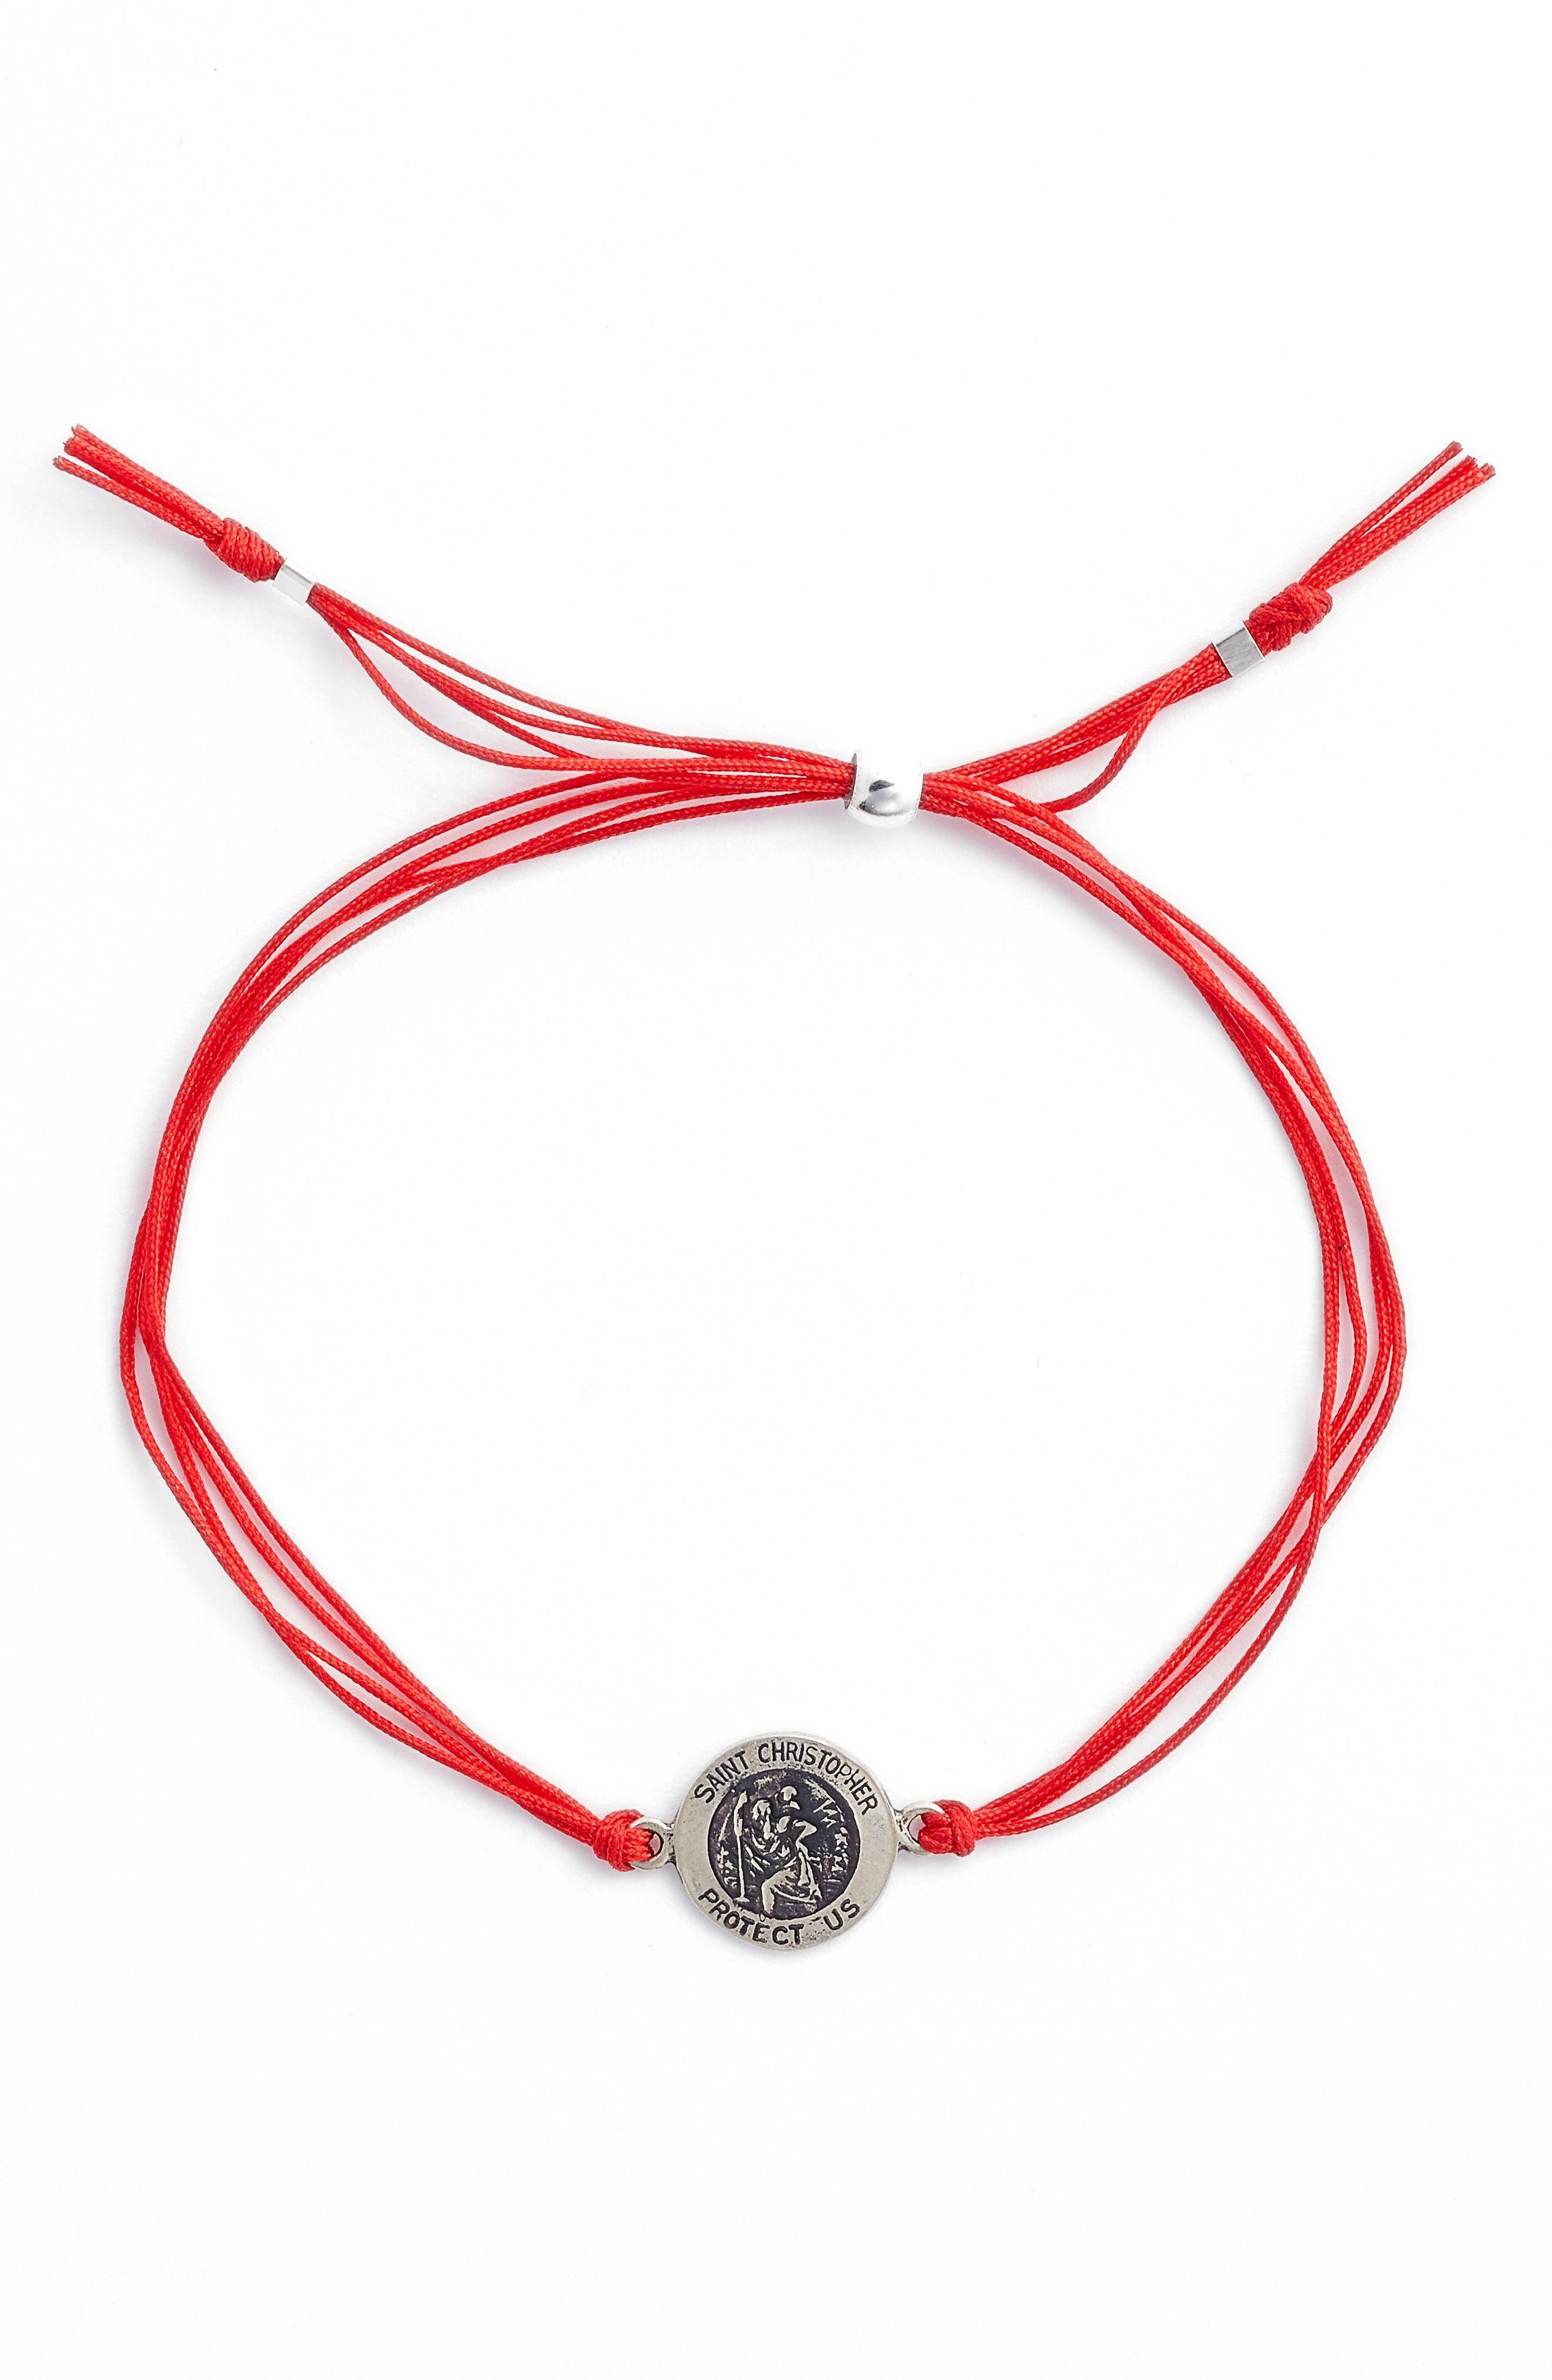 Saint Christopher Pull Bracelet,                             Alternate thumbnail 2, color,                             Red/ Silver